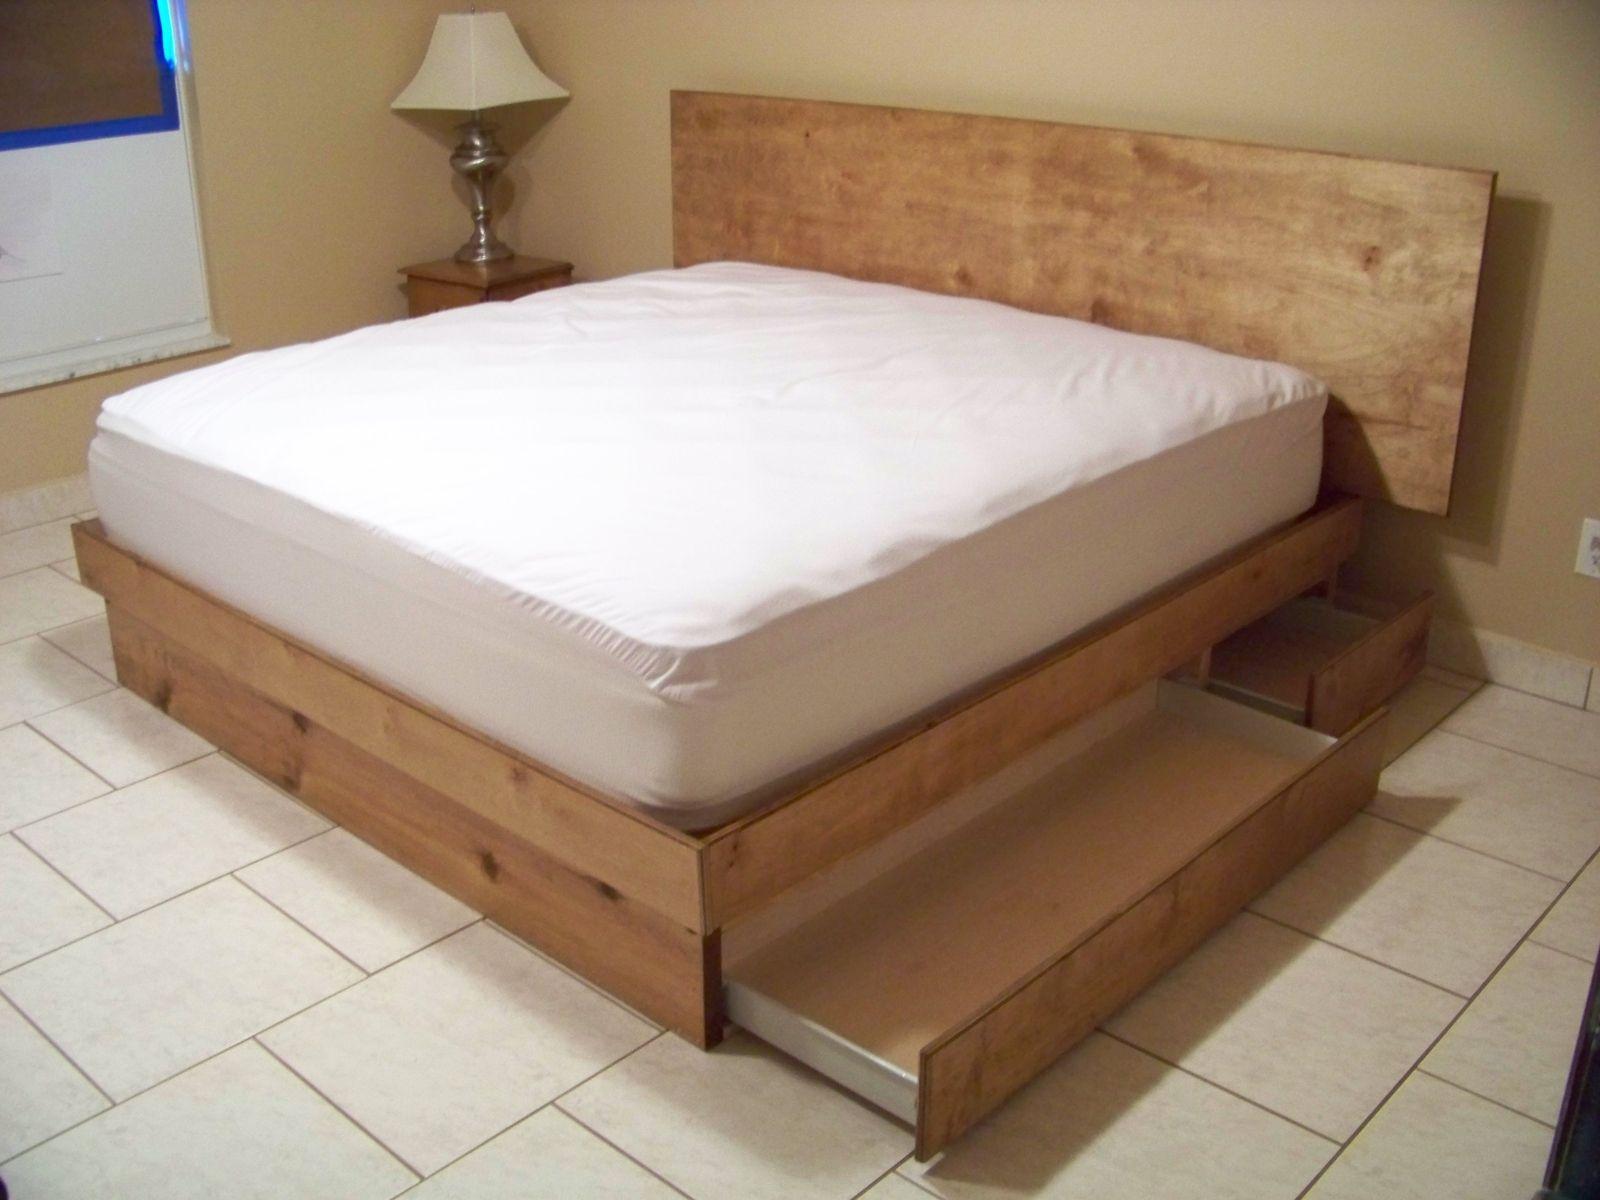 Full Size of Bett Hoch Betten Kaufen Ebay 180x200 Mit Bettkasten 140x200 120 X 200 Matratze Und Lattenrost Französische Kingsize Dico überlänge Metall Ausklappbares Sofa Bett Bett Hoch